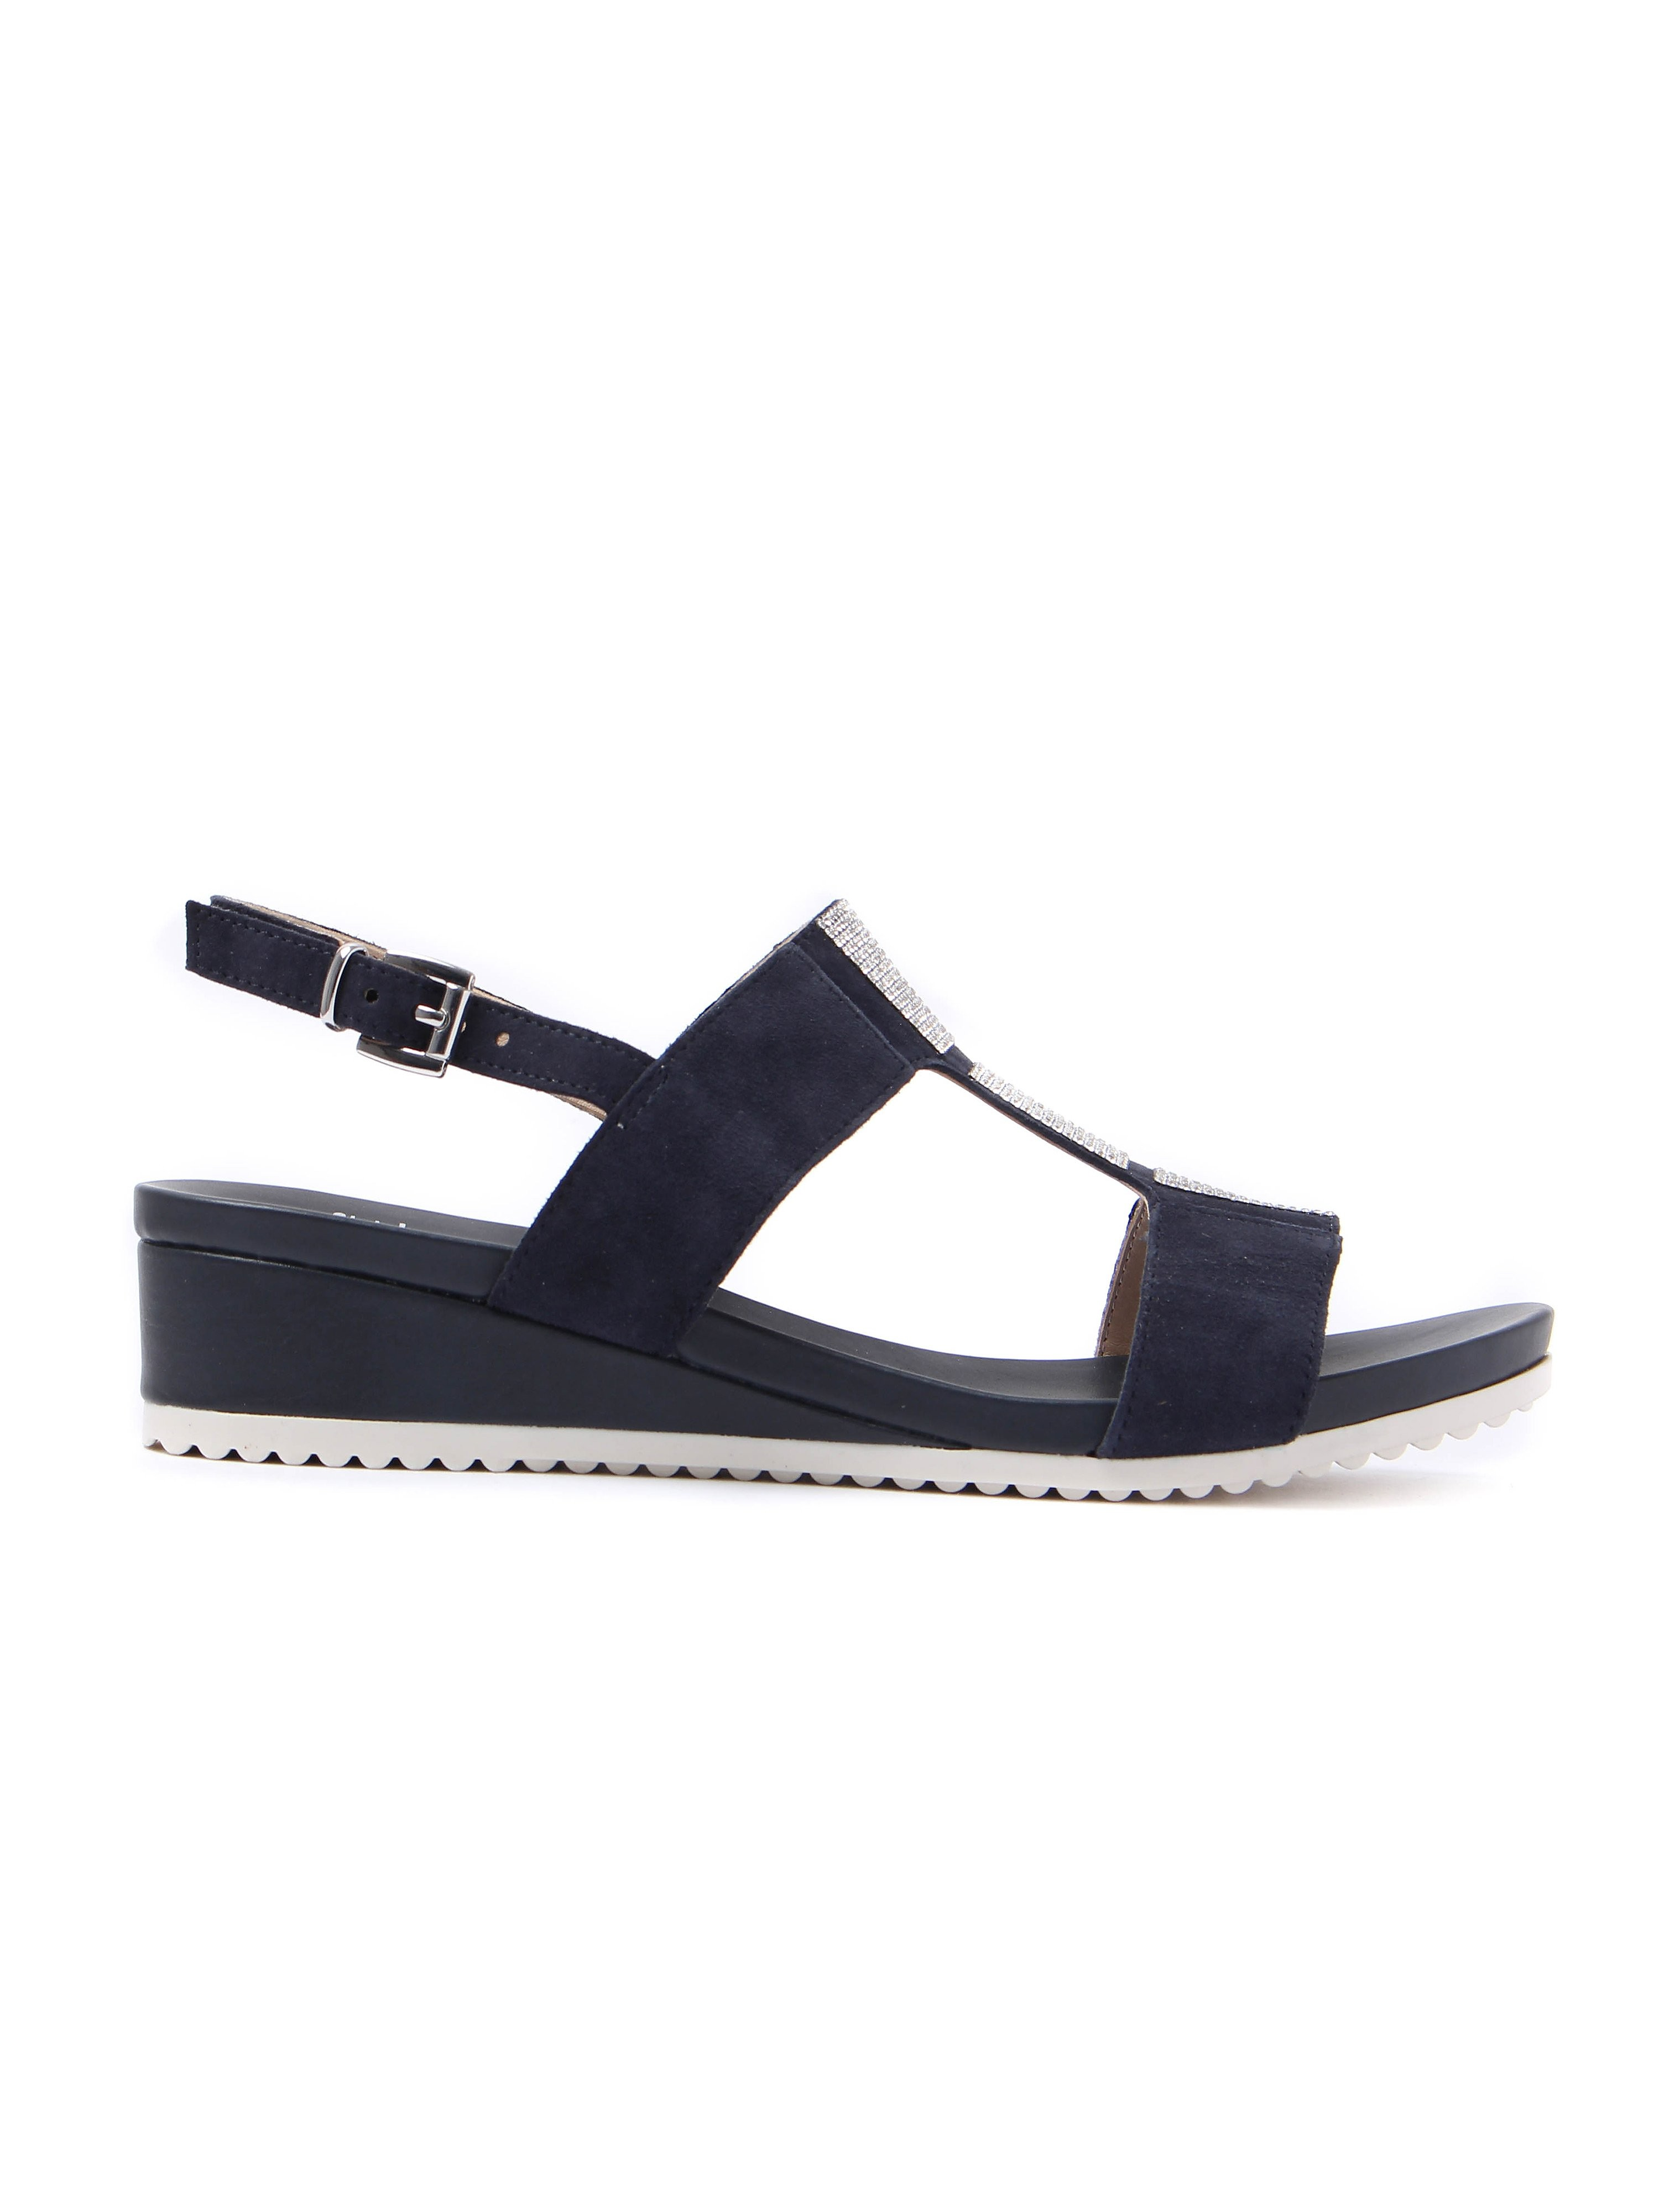 Caprice Women's Glitter Suede Wedge Sandals - Ocean